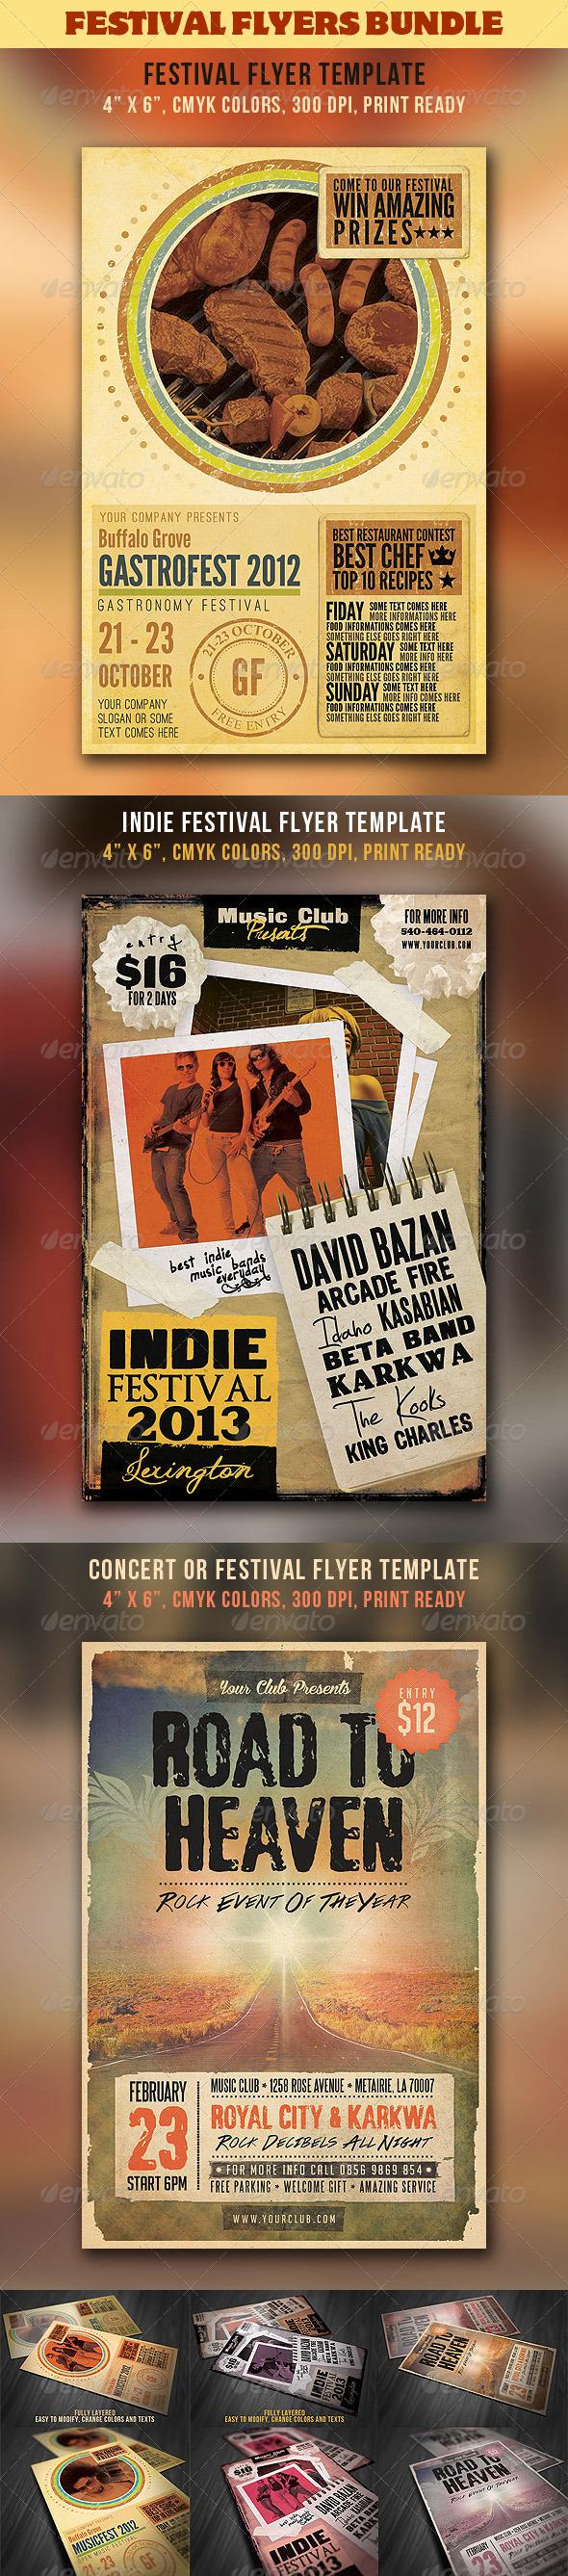 GraphicRiver Festival & Concert Flyers Bundle 3484459